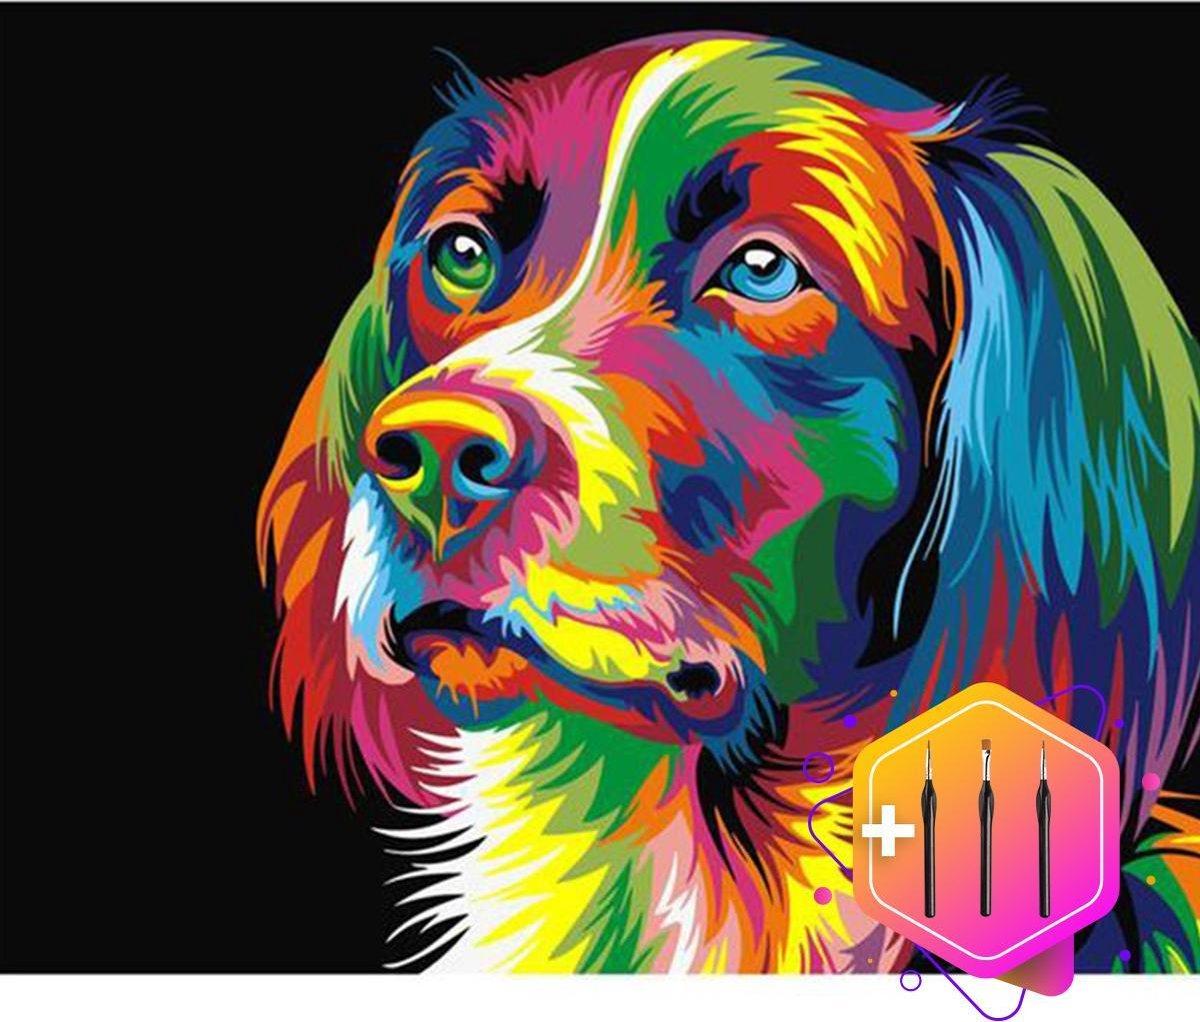 Pcasso ® Hond Artistiek - Schilderen Op Nummer - Incl. 6 Ergonomische Penselen En Geschenkverpakking - Schilderen Op Nummer Volwassenen - Canvas Schilderdoek - Kleuren Op Nummer - 40x50 cm